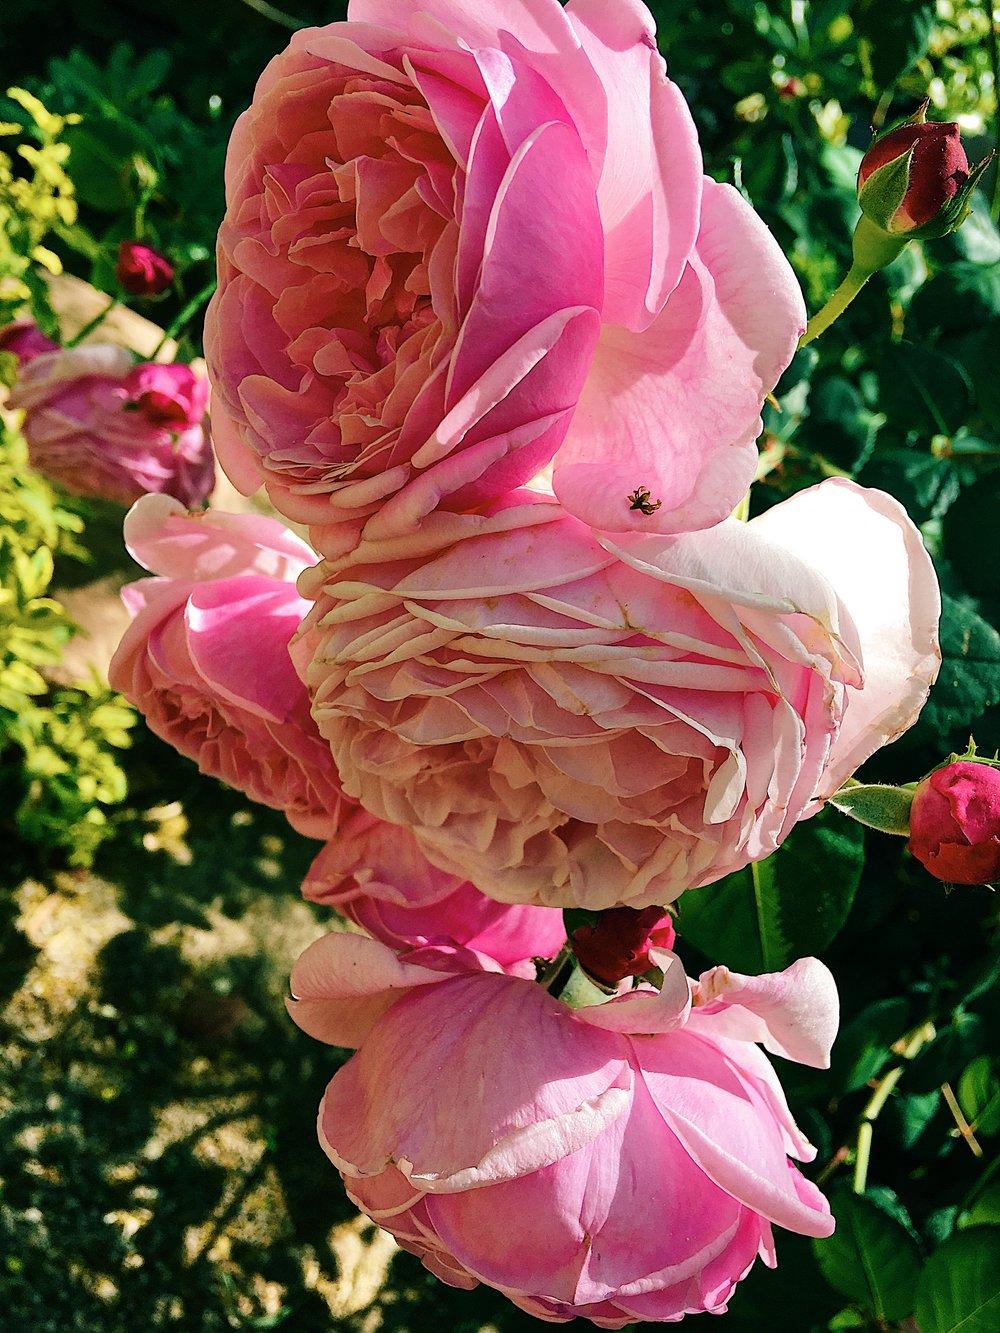 nature_flower3.jpg